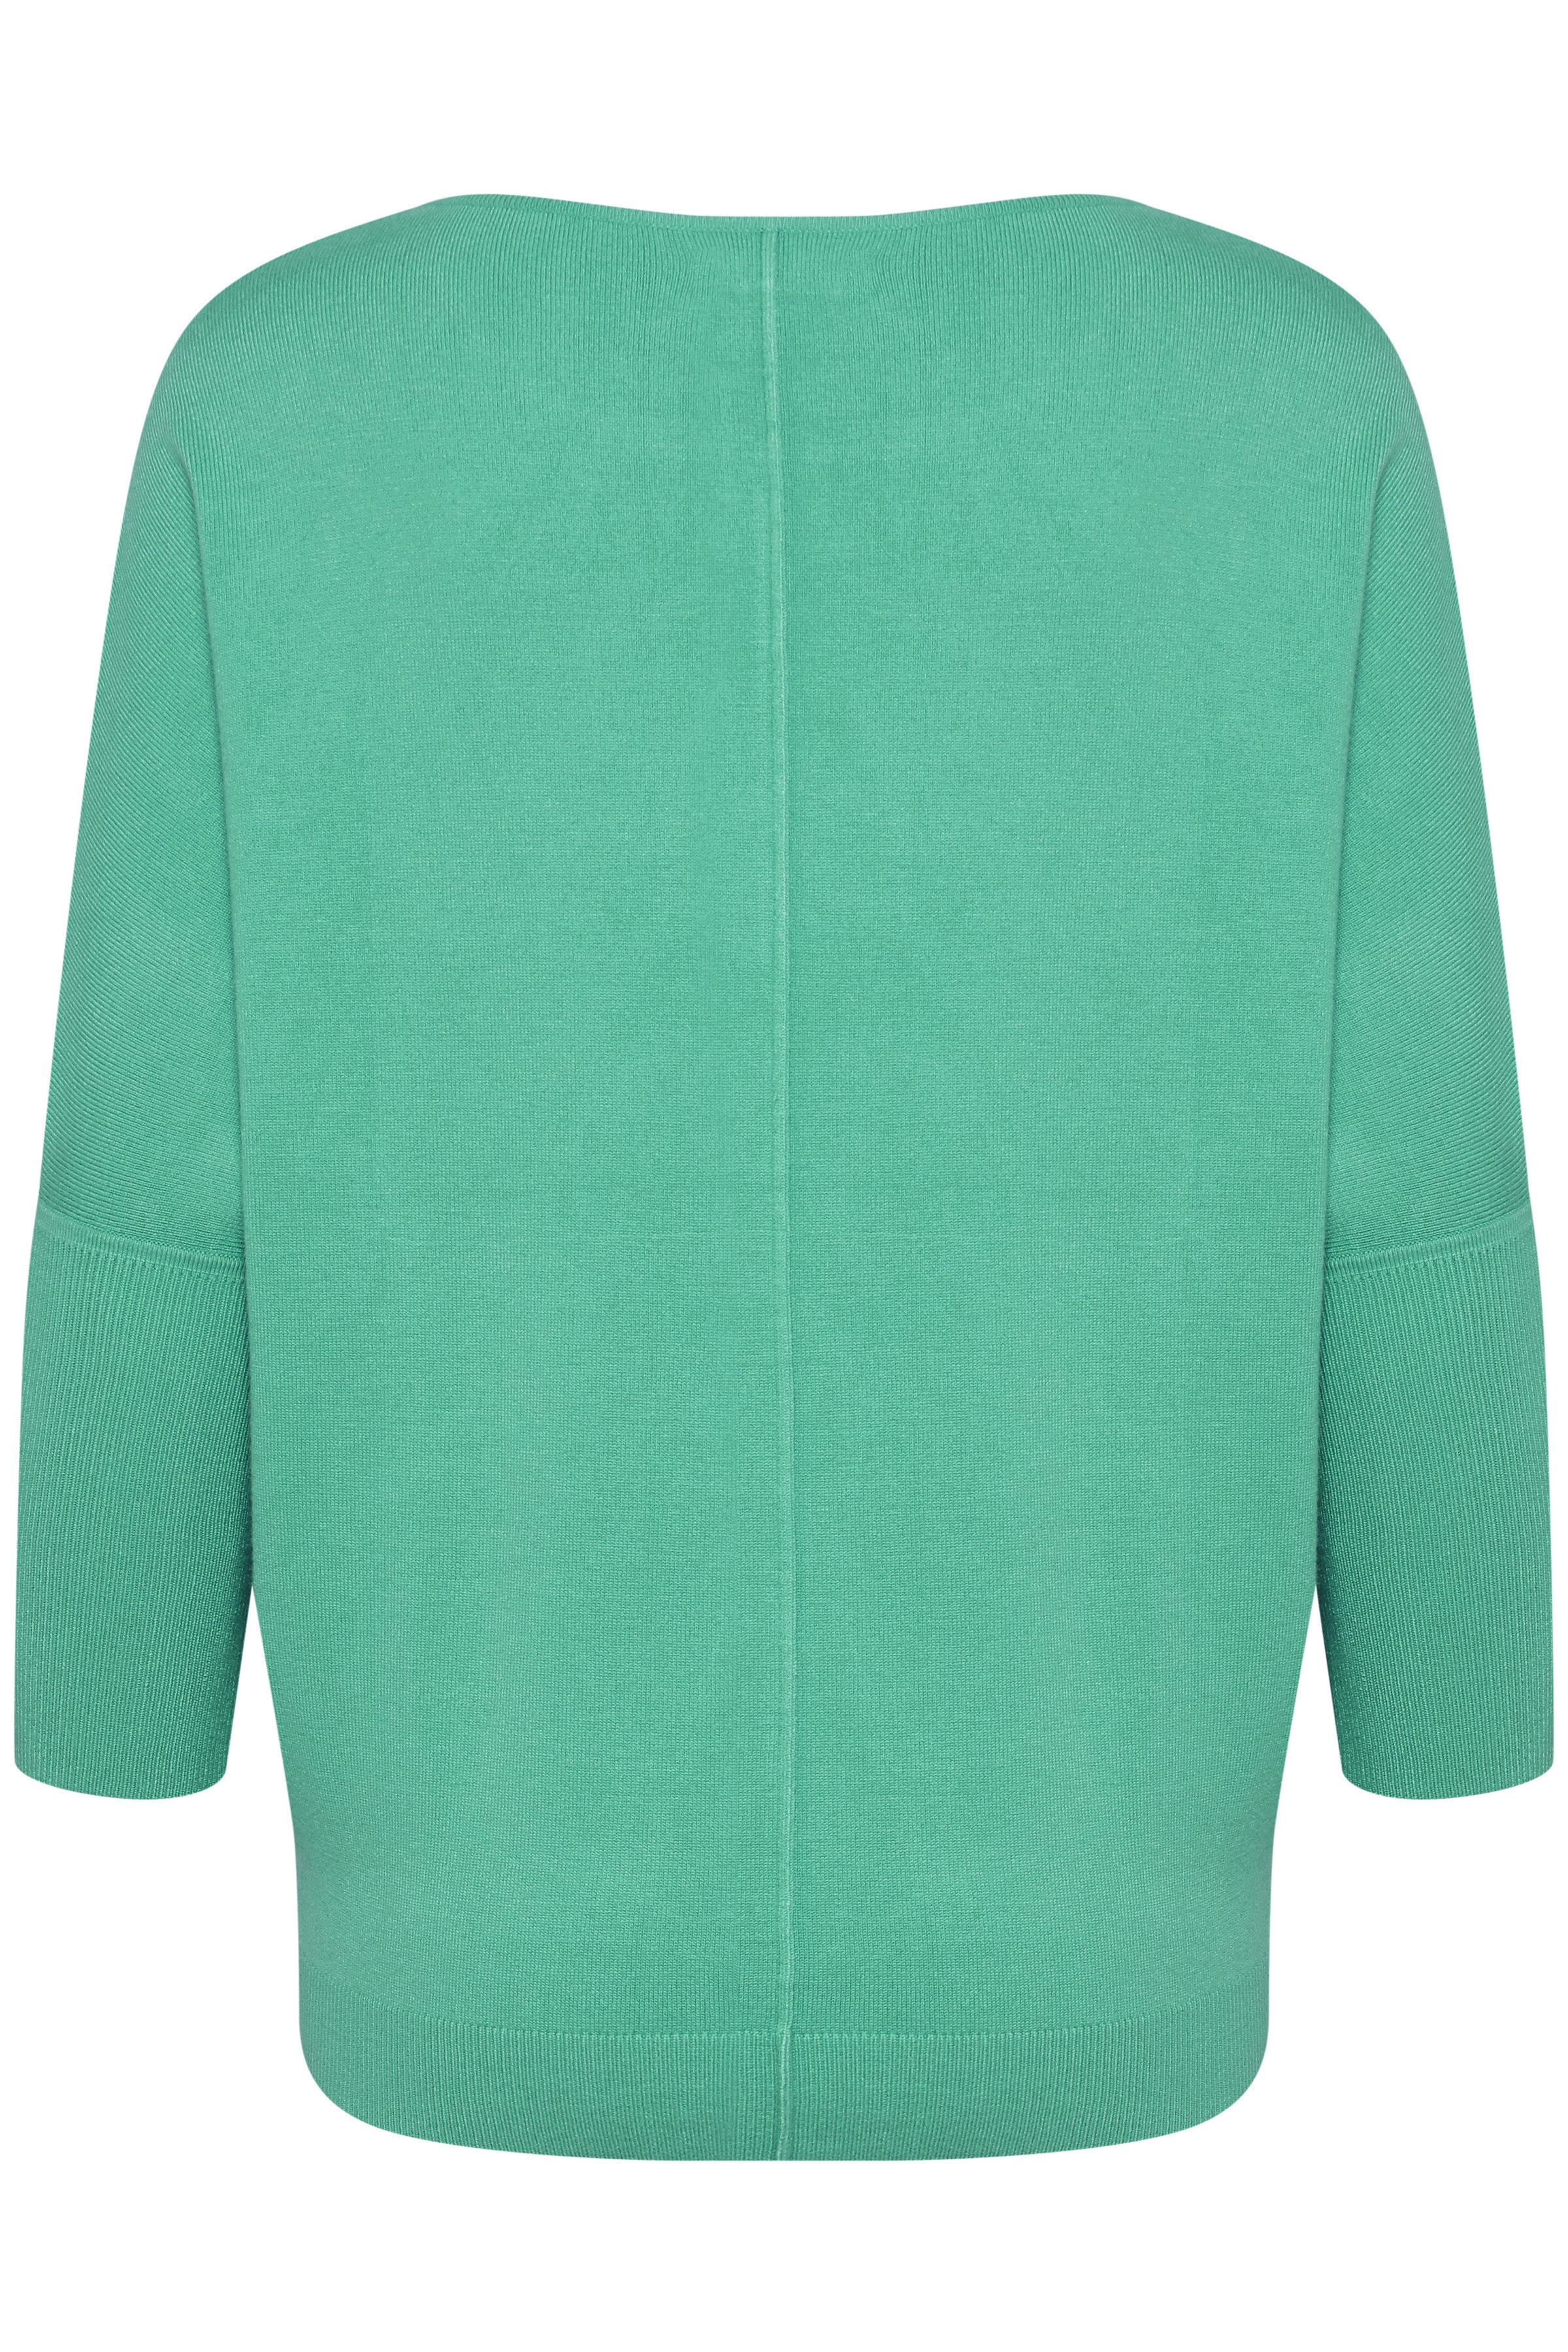 MEL. Fresh Green Strickpullover von b.young – Kaufen Sie MEL. Fresh Green Strickpullover aus Größe XS-XXL hier